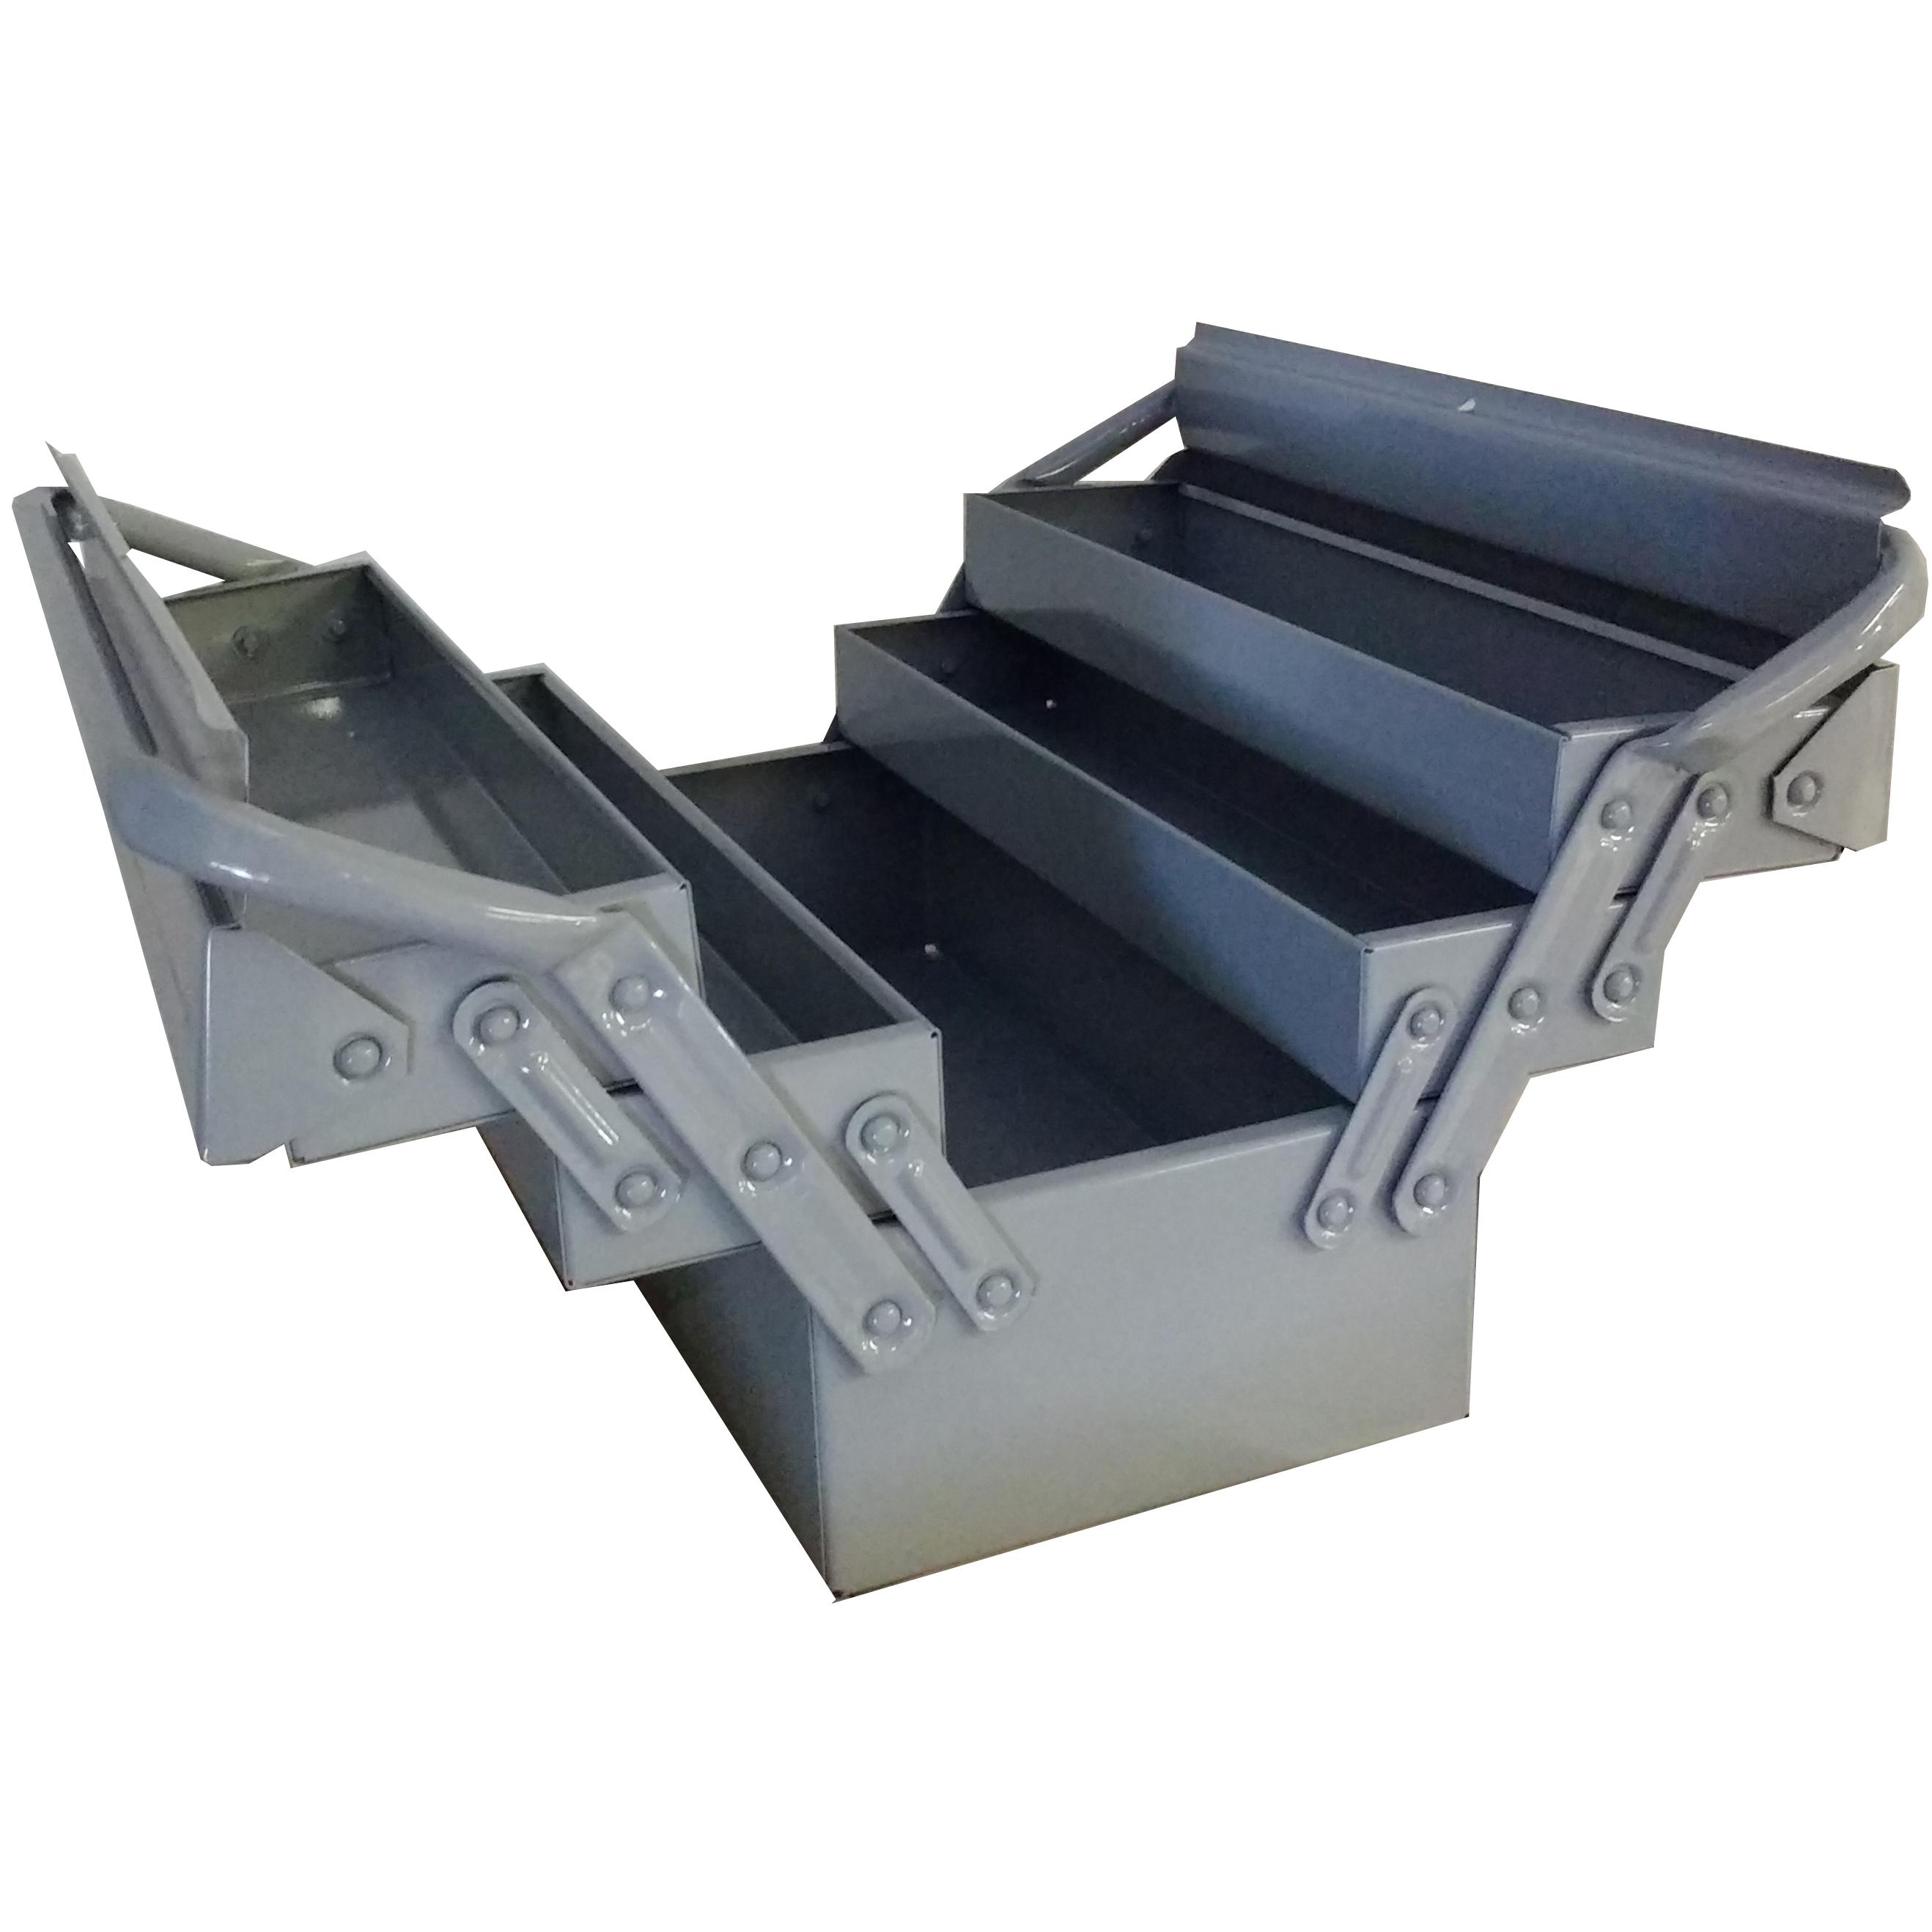 http://www.nilart.com.br/galeria/caixa-ferramentas-sanfonada-5-gavetas-50-cm-cabo-fixo-reforcada-400.550-1.jpg